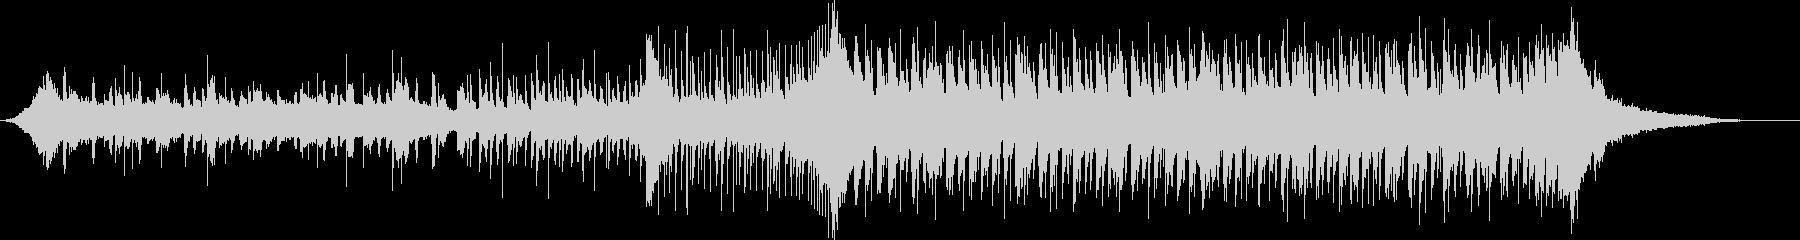 「山の魔王の宮殿にて」短いEDMカバーの未再生の波形